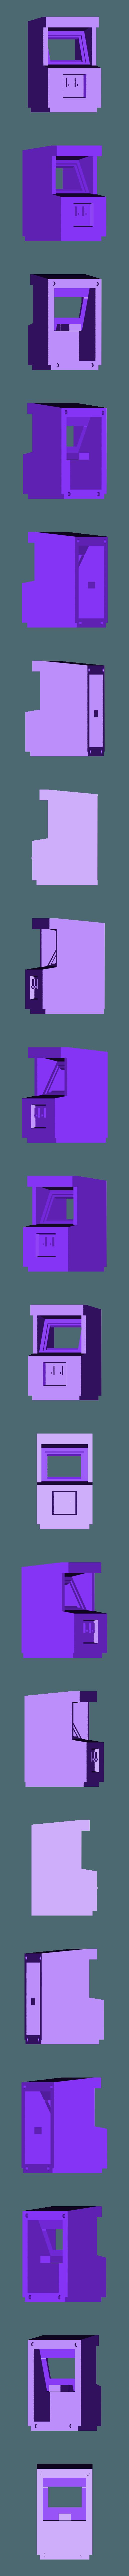 fortnite_retro_arcade_9.stl Télécharger fichier STL gratuit FORTNITE ARCARDE MINI LED . BATAILLE ROYALE • Design à imprimer en 3D, gaaraa